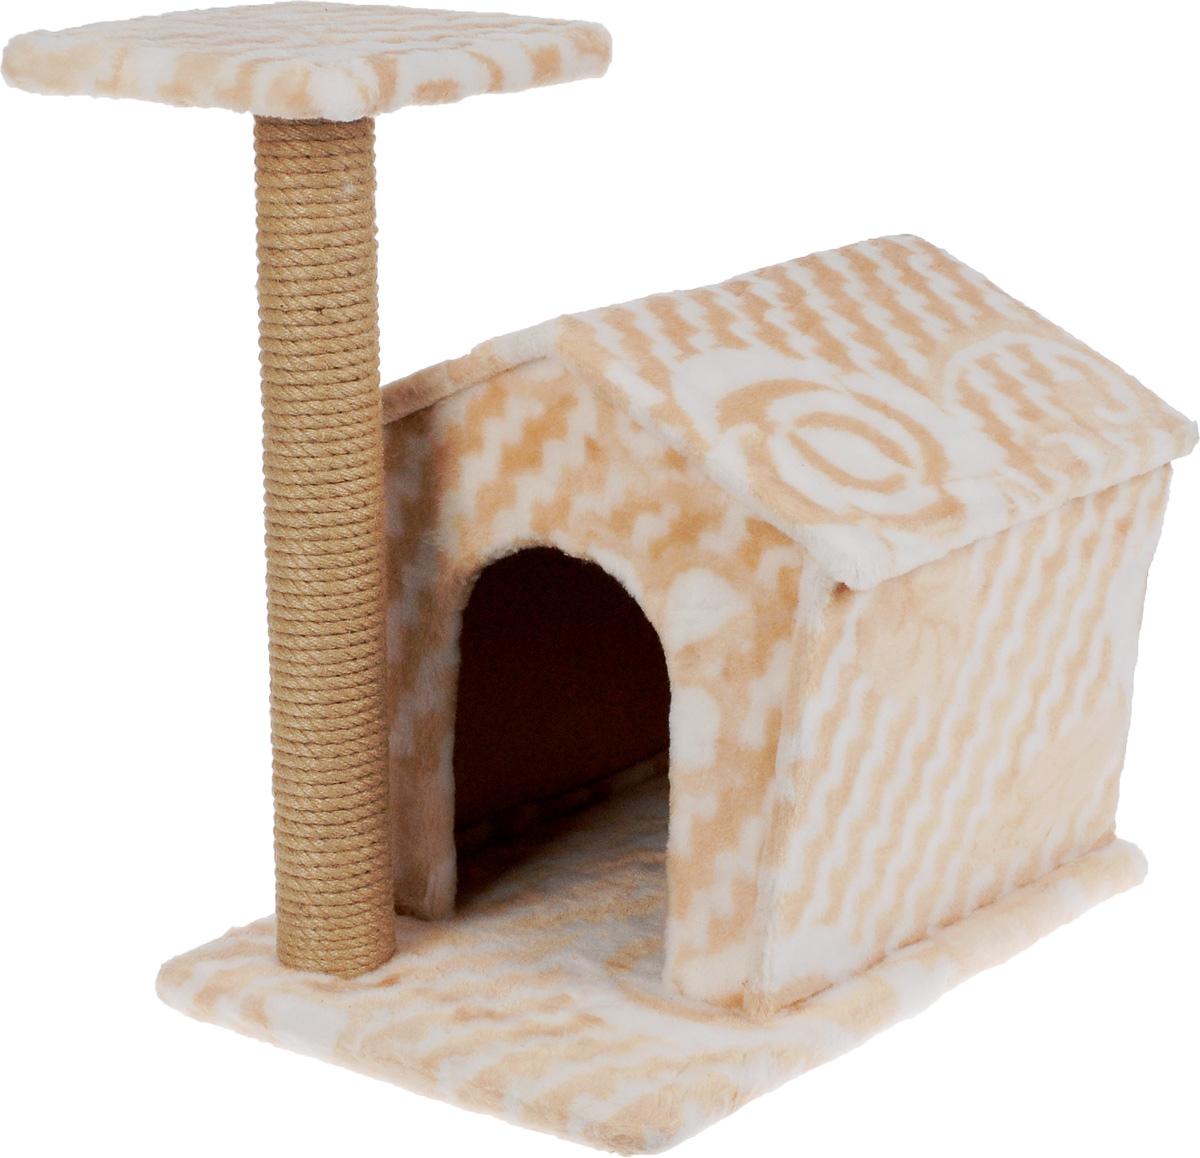 Игровой комплекс для кошек Меридиан Изба, с когтеточкой и домиком, цвет: бежевый, белый, 50 х 35 х 54 смД372 ЦвИгровой комплекс Меридиан Изба выполнен из высококачественного ДВП и ДСП и обтянут искусственным мехом. Изделие предназначено для кошек. Ваш домашний питомец будет с удовольствием точить когти о специальный столбик, изготовленный из джута. А отдохнуть она сможет либо на площадке, находящейся наверху столбика, либо в расположенном внизу домике. Общий размер: 50 х 35 х 54 см. Размер домика: 40 х 36 х 36 см. Размер площадки: 24 х 24 см.